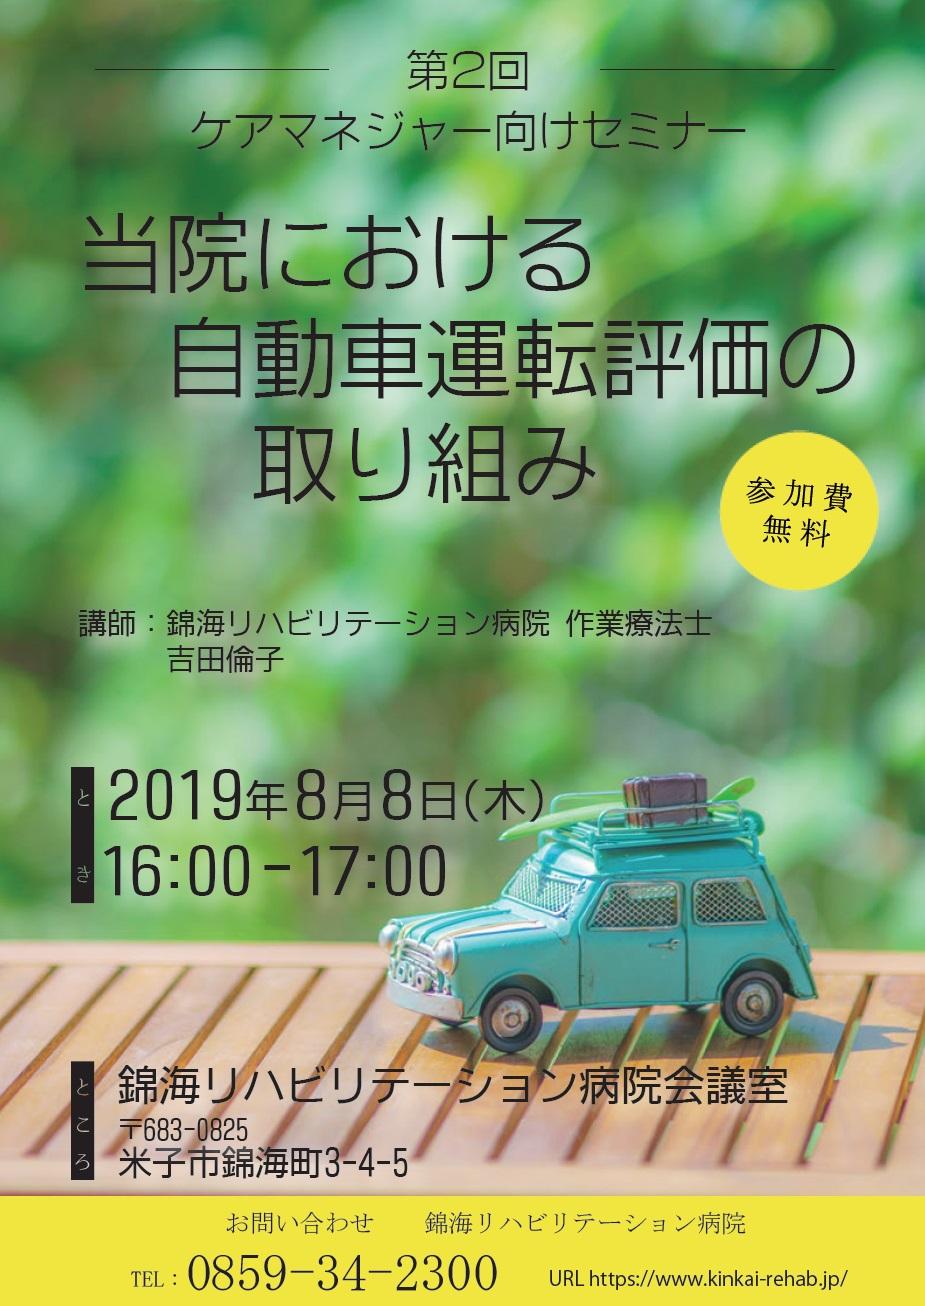 第2回ケアマネジャー向けセミナー(錦海リハビリテーション病院)